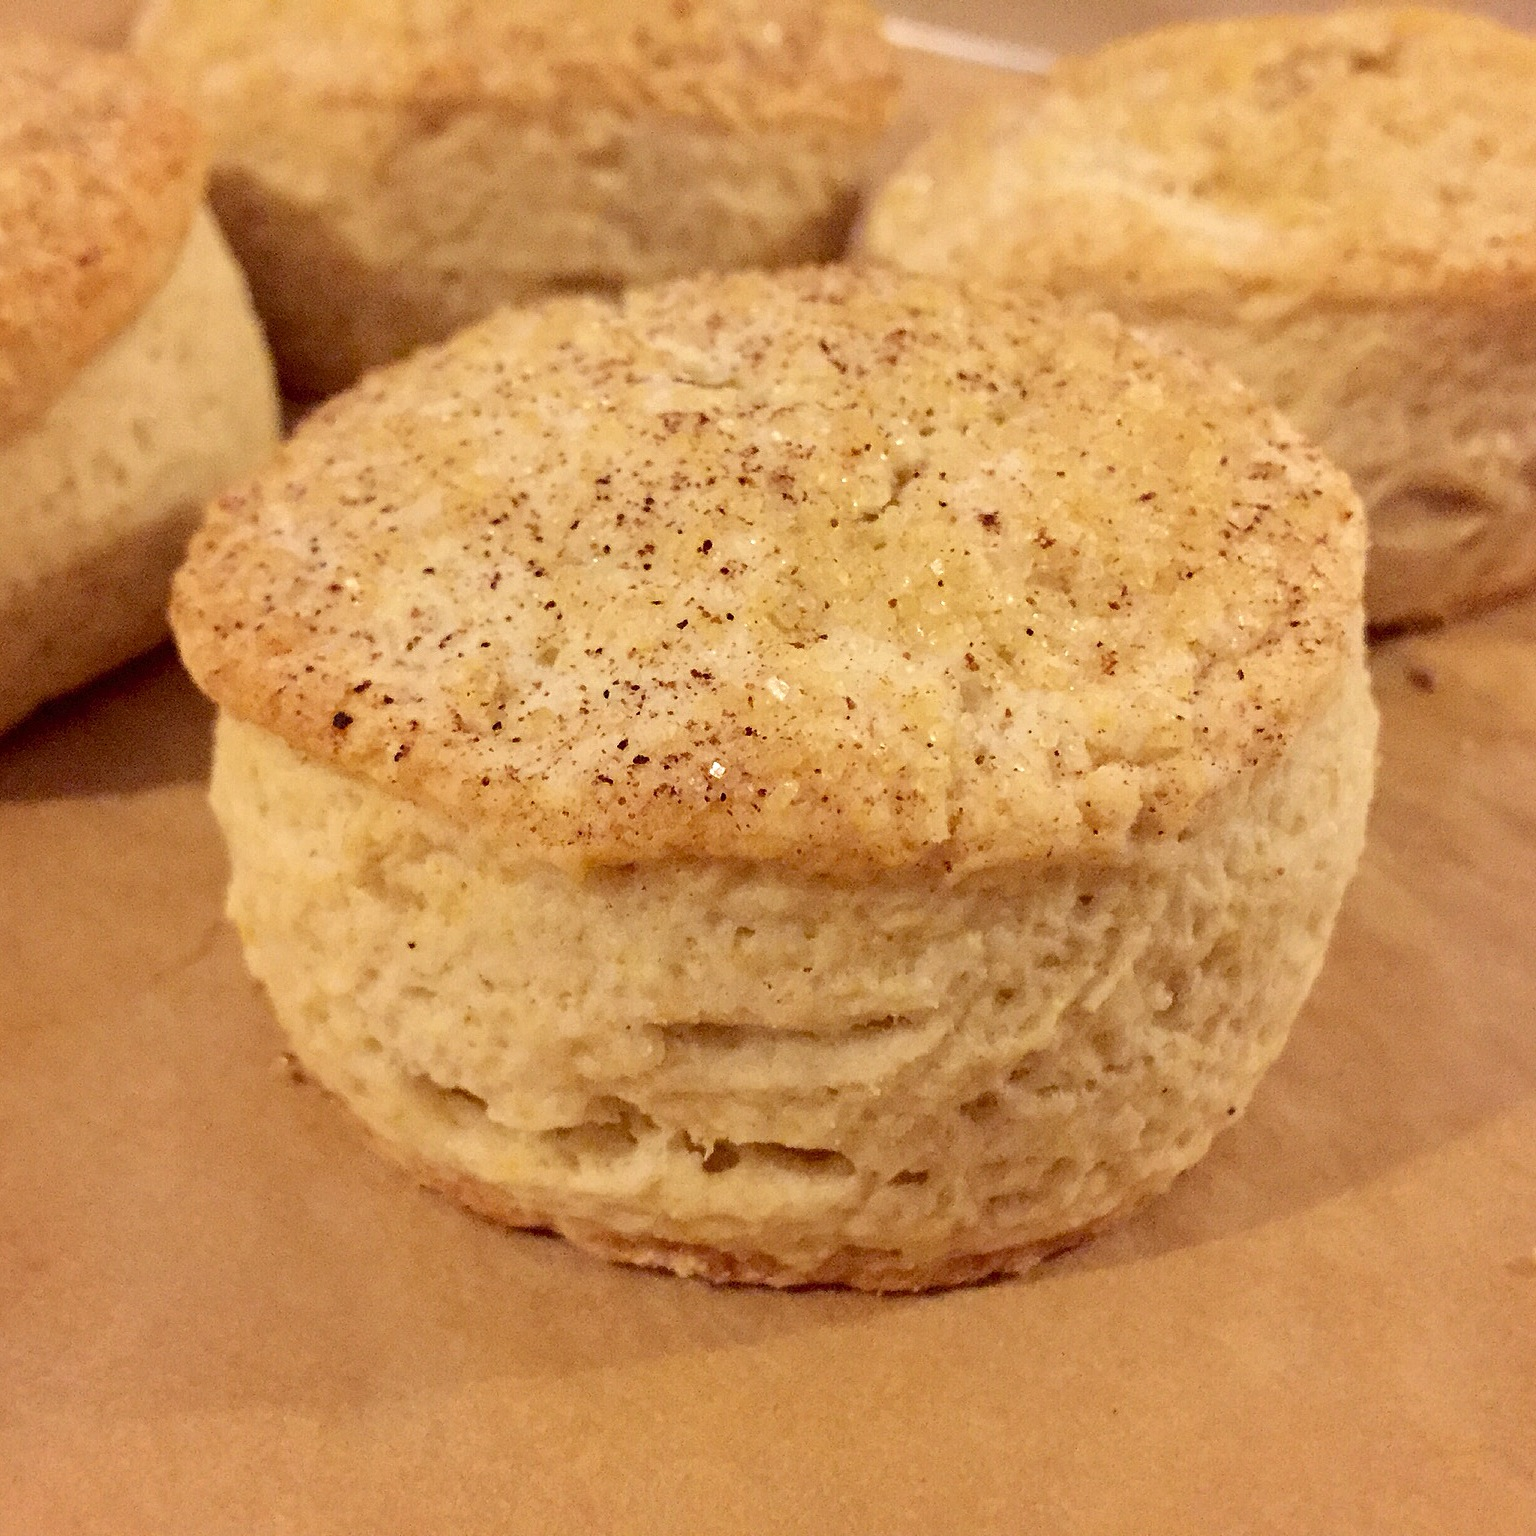 biscuit 2.jpg